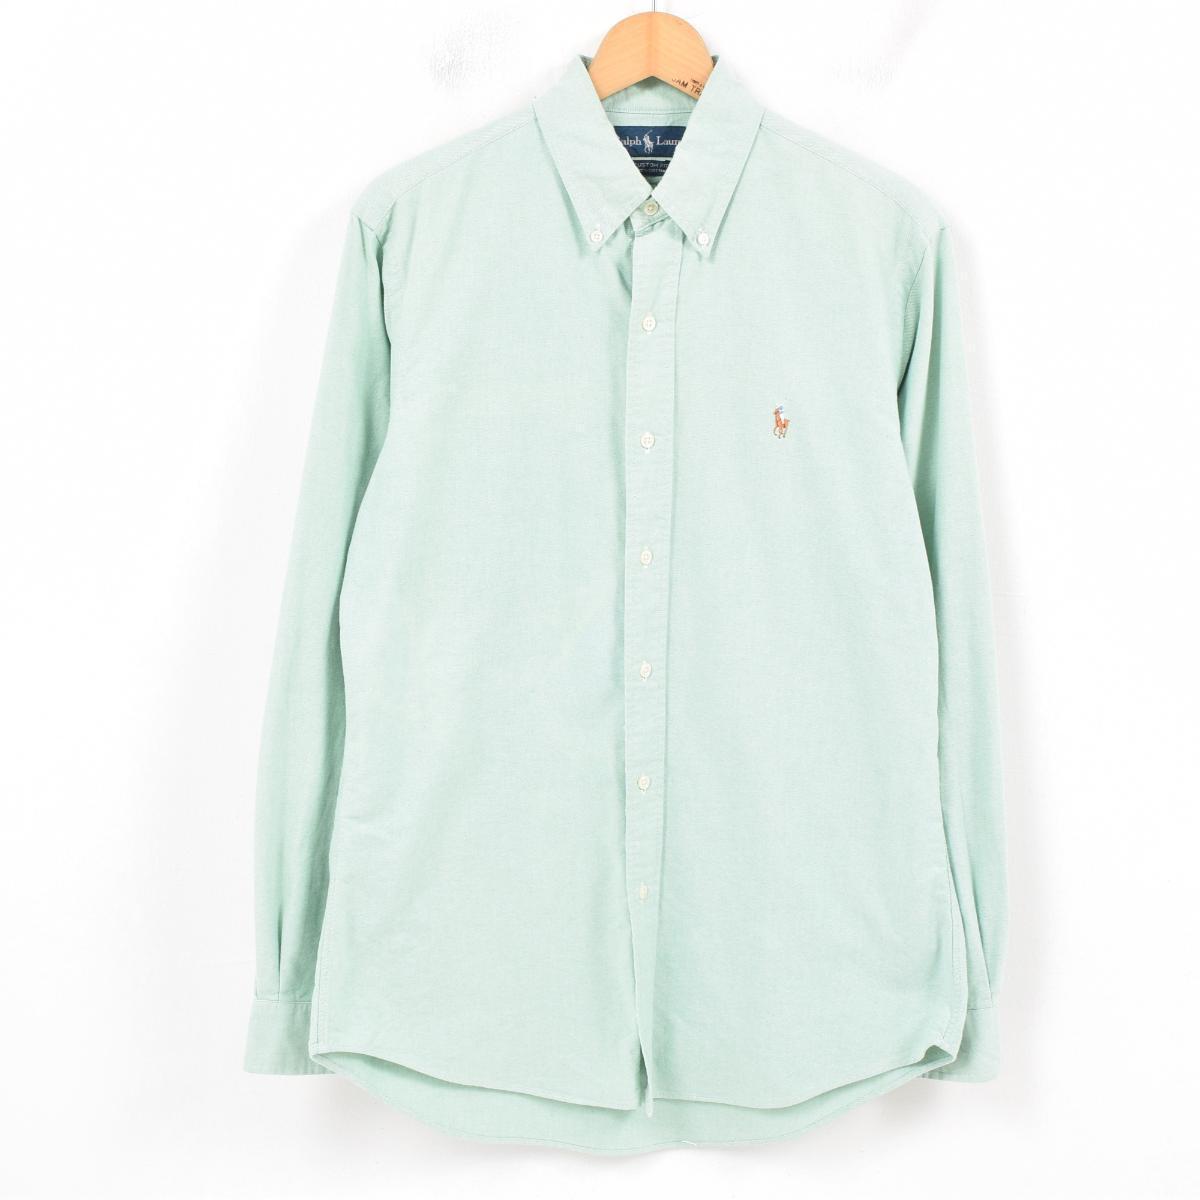 ラルフローレン Ralph Lauren 長袖 ボタンダウンシャツ メンズM /wav0443 【中古】 【181009】